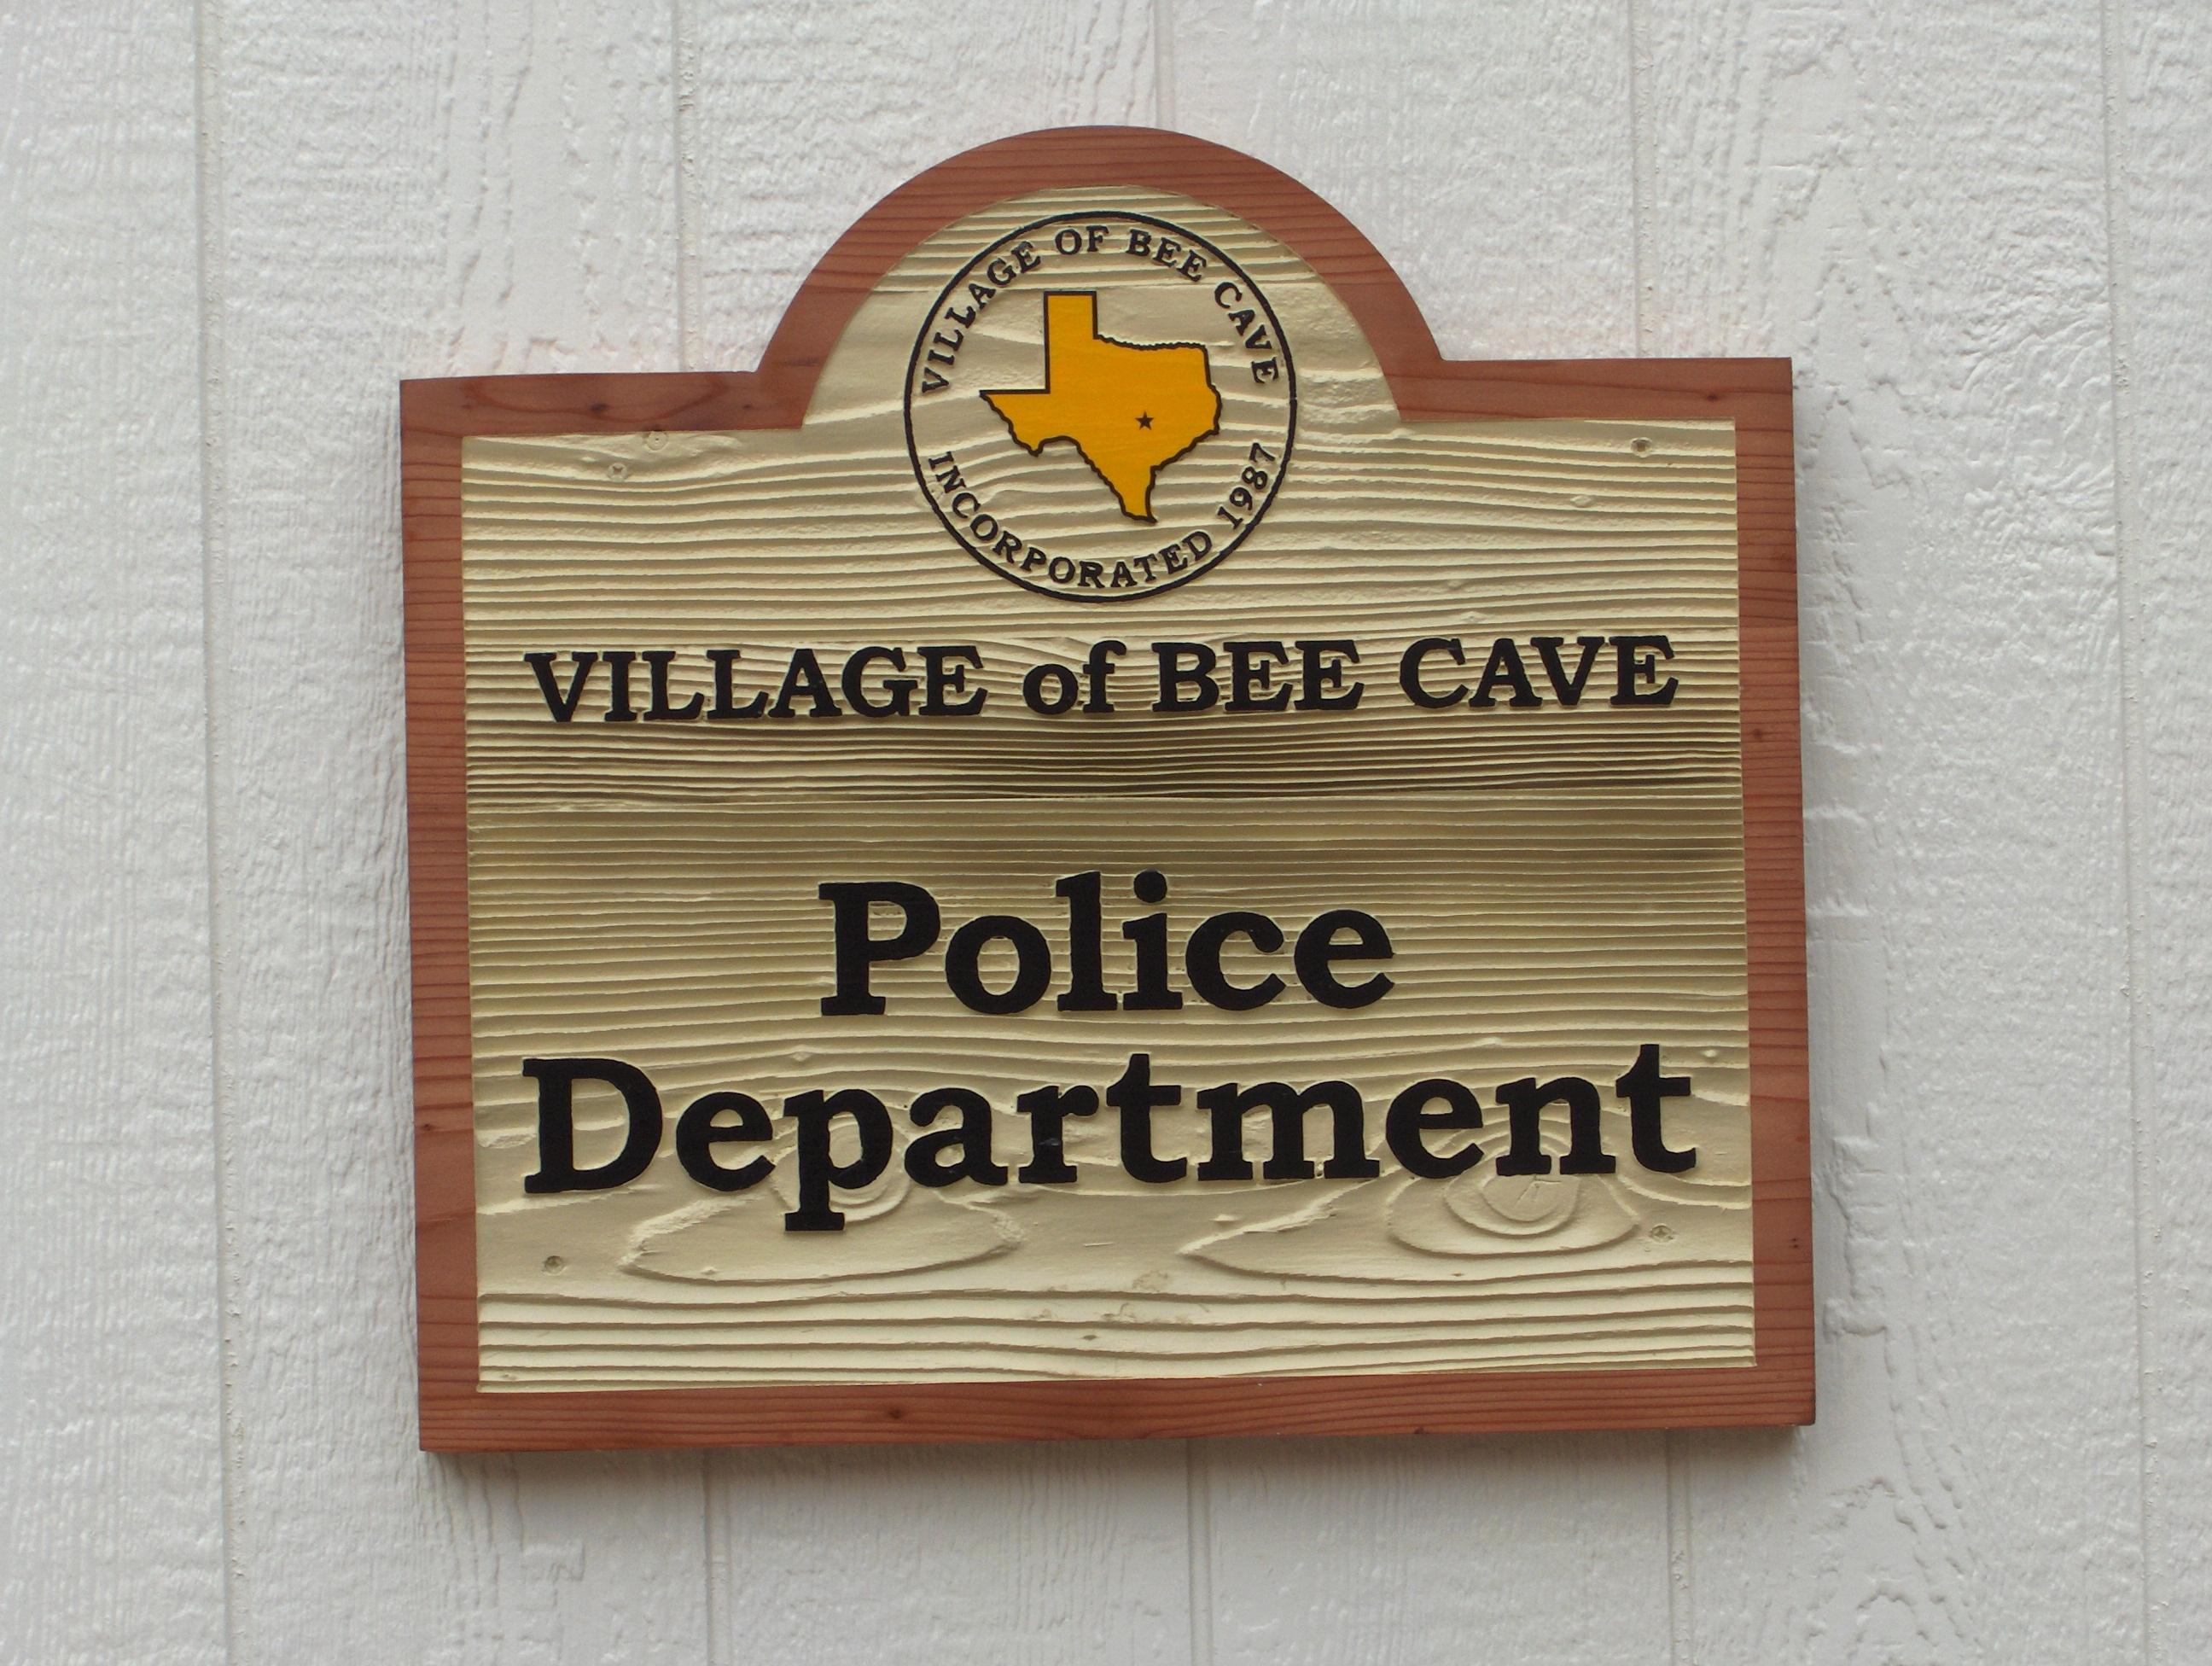 Village of Bee Cave - lk5830.jpg